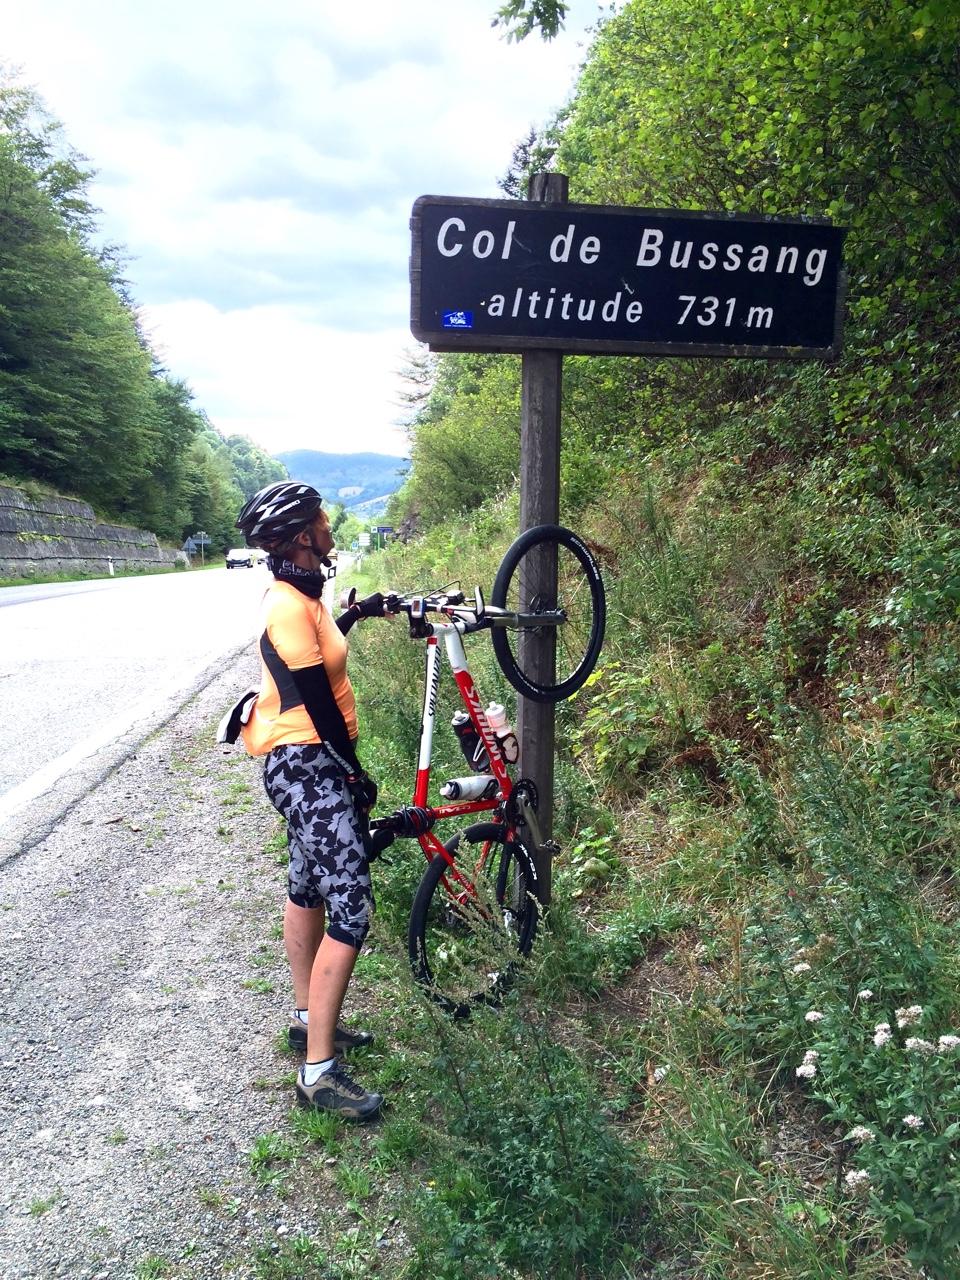 Col de Bussang